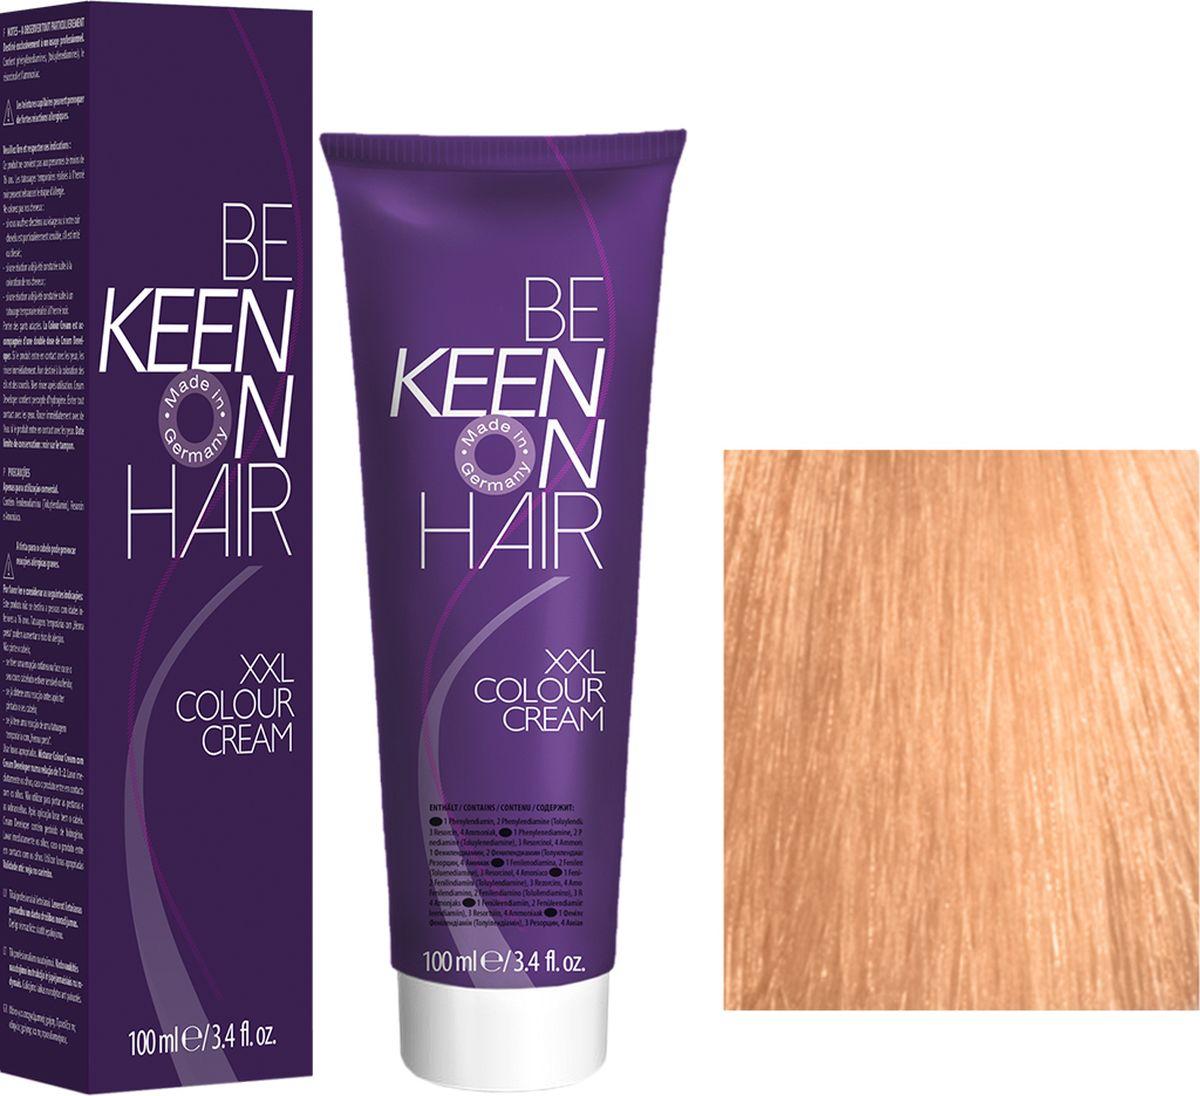 Keen Краска для волос 9.7 Светло-коричневый блондин Hellblond Braun, 100 мл69100093Модные оттенкиБолее 100 оттенков для креативной комбинации цветов.ЭкономичностьПри использовании тюбика 100 мл вы получаете оптимальное соотношение цены и качества!УходМолочный белок поддерживает структуру волоса во время окрашивания и придает волосам блеск и шелковистость. Протеины хорошо встраиваются в волосы и снабжают их влагой.